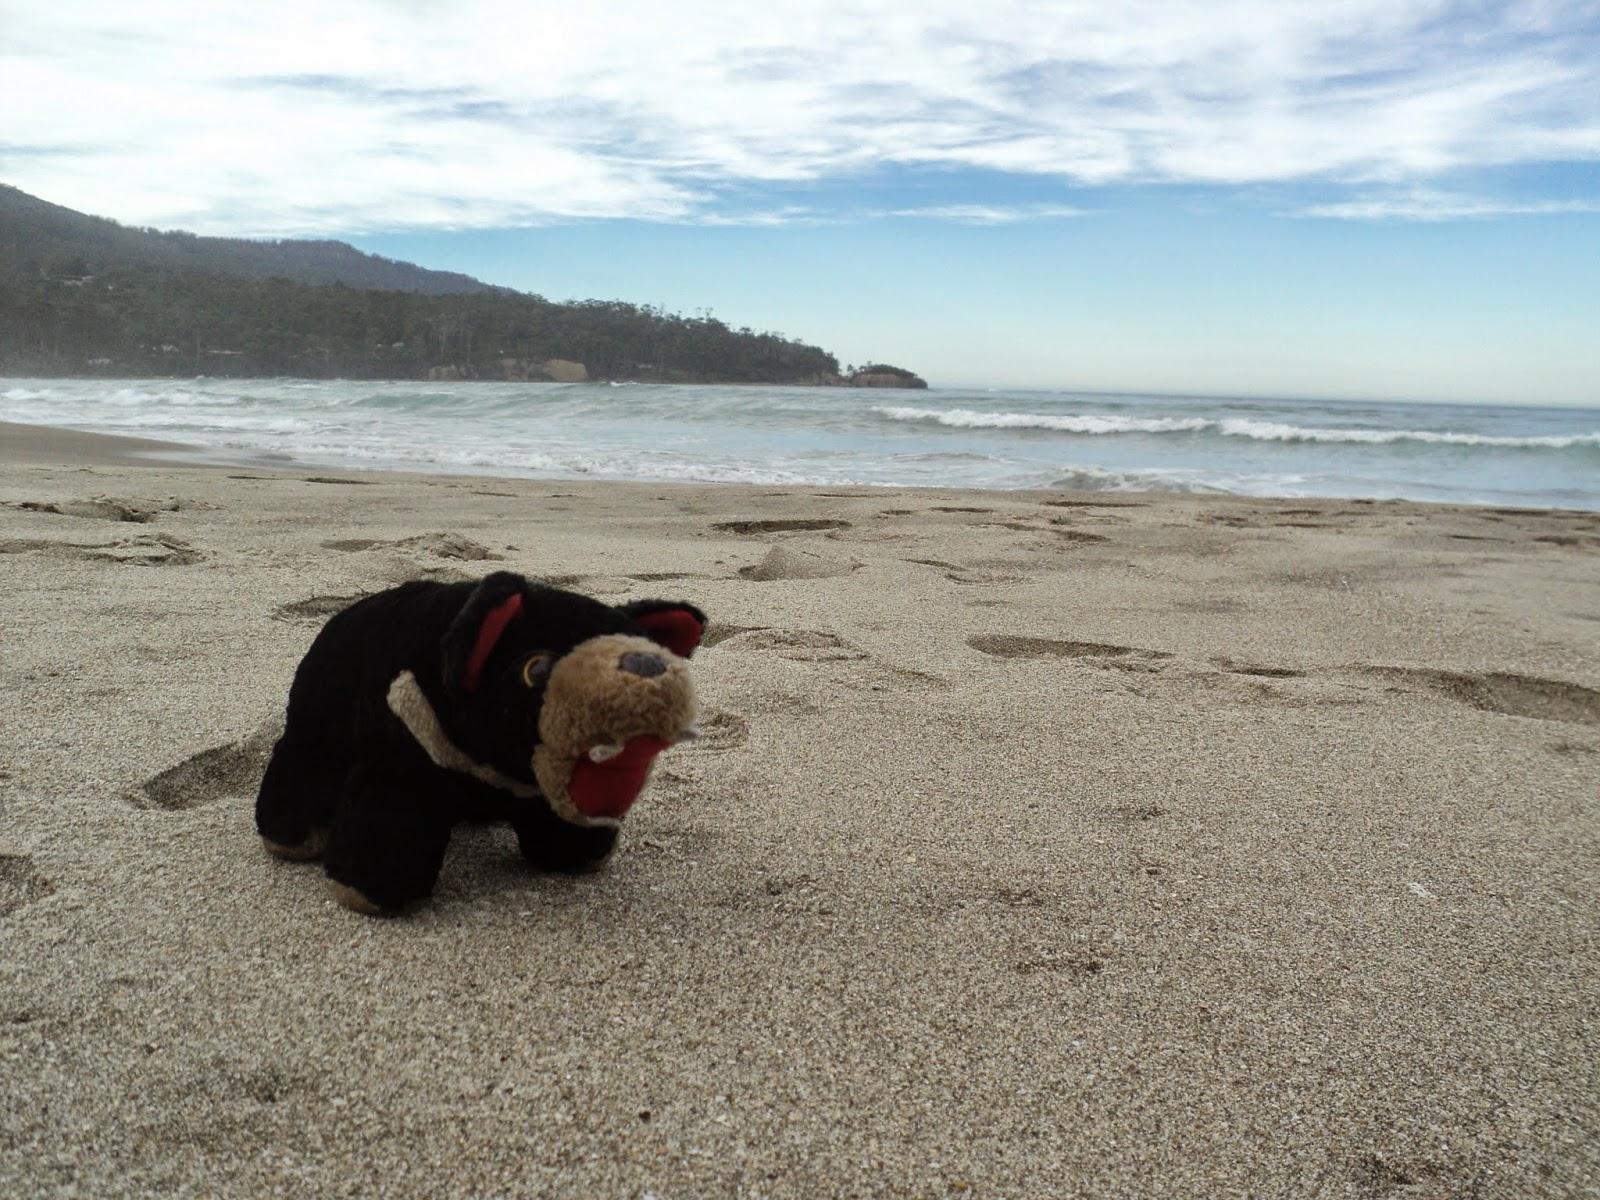 Tasmanian devil on the beach, Tasmania, Australia